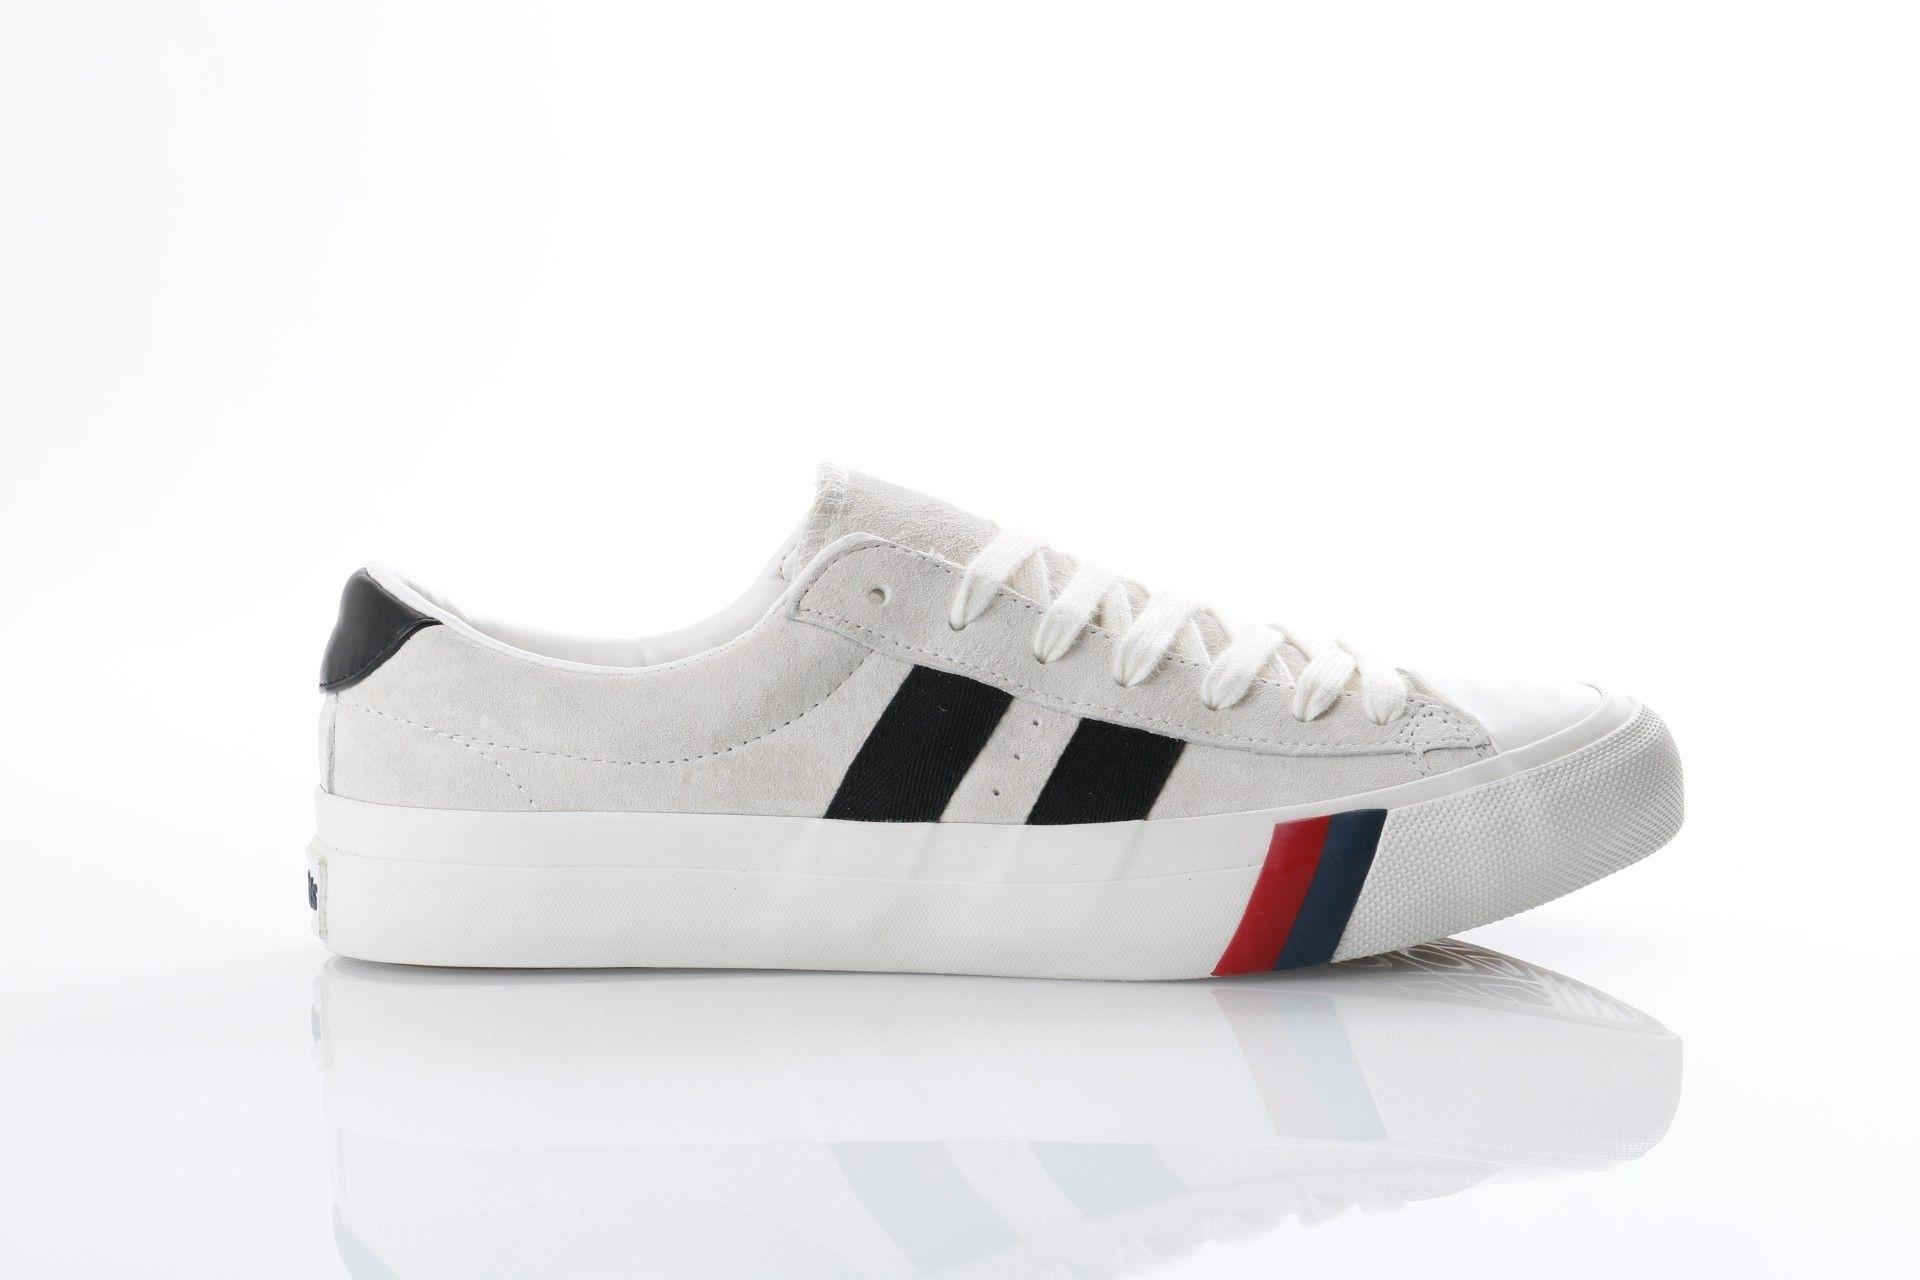 Afbeelding van Pro-Keds Ph56803 Sneakers Royal Plus Suede Cream Wit